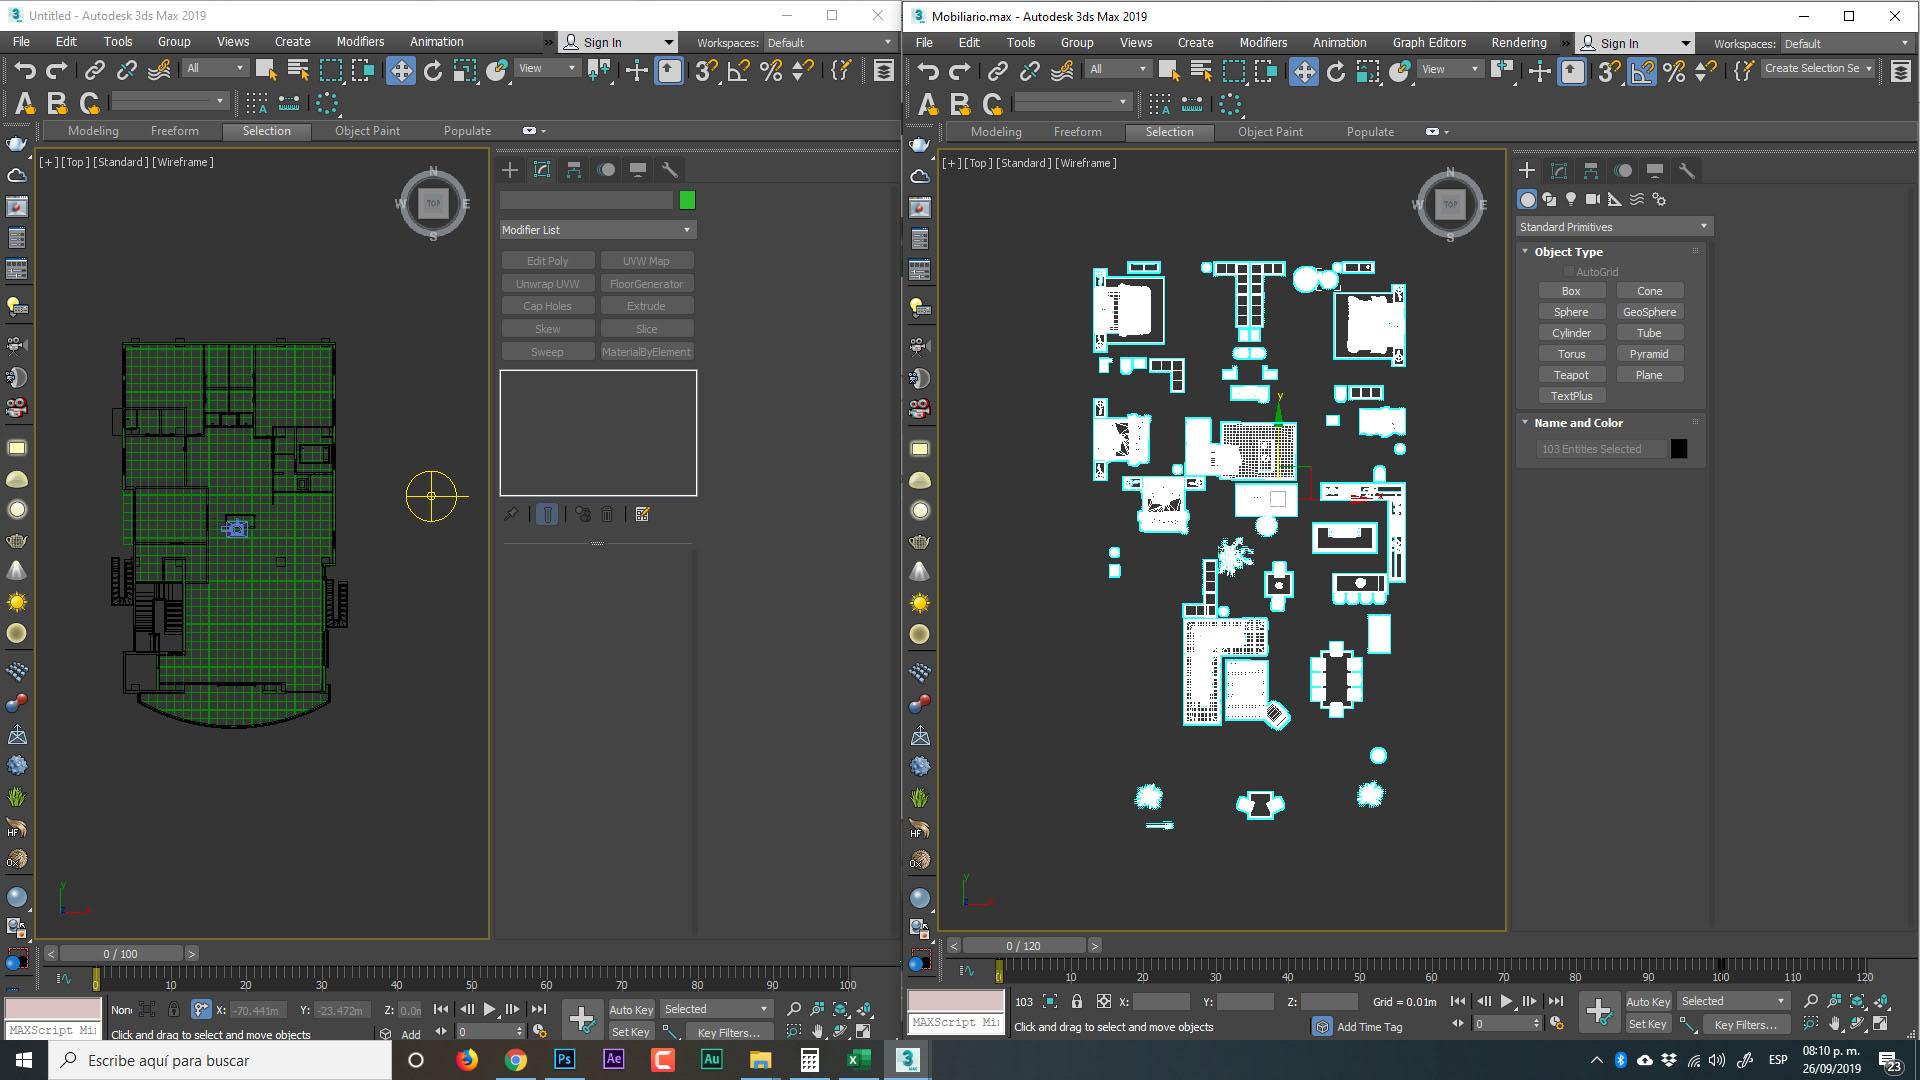 copiar y pegar mobiliario en 3d max con script